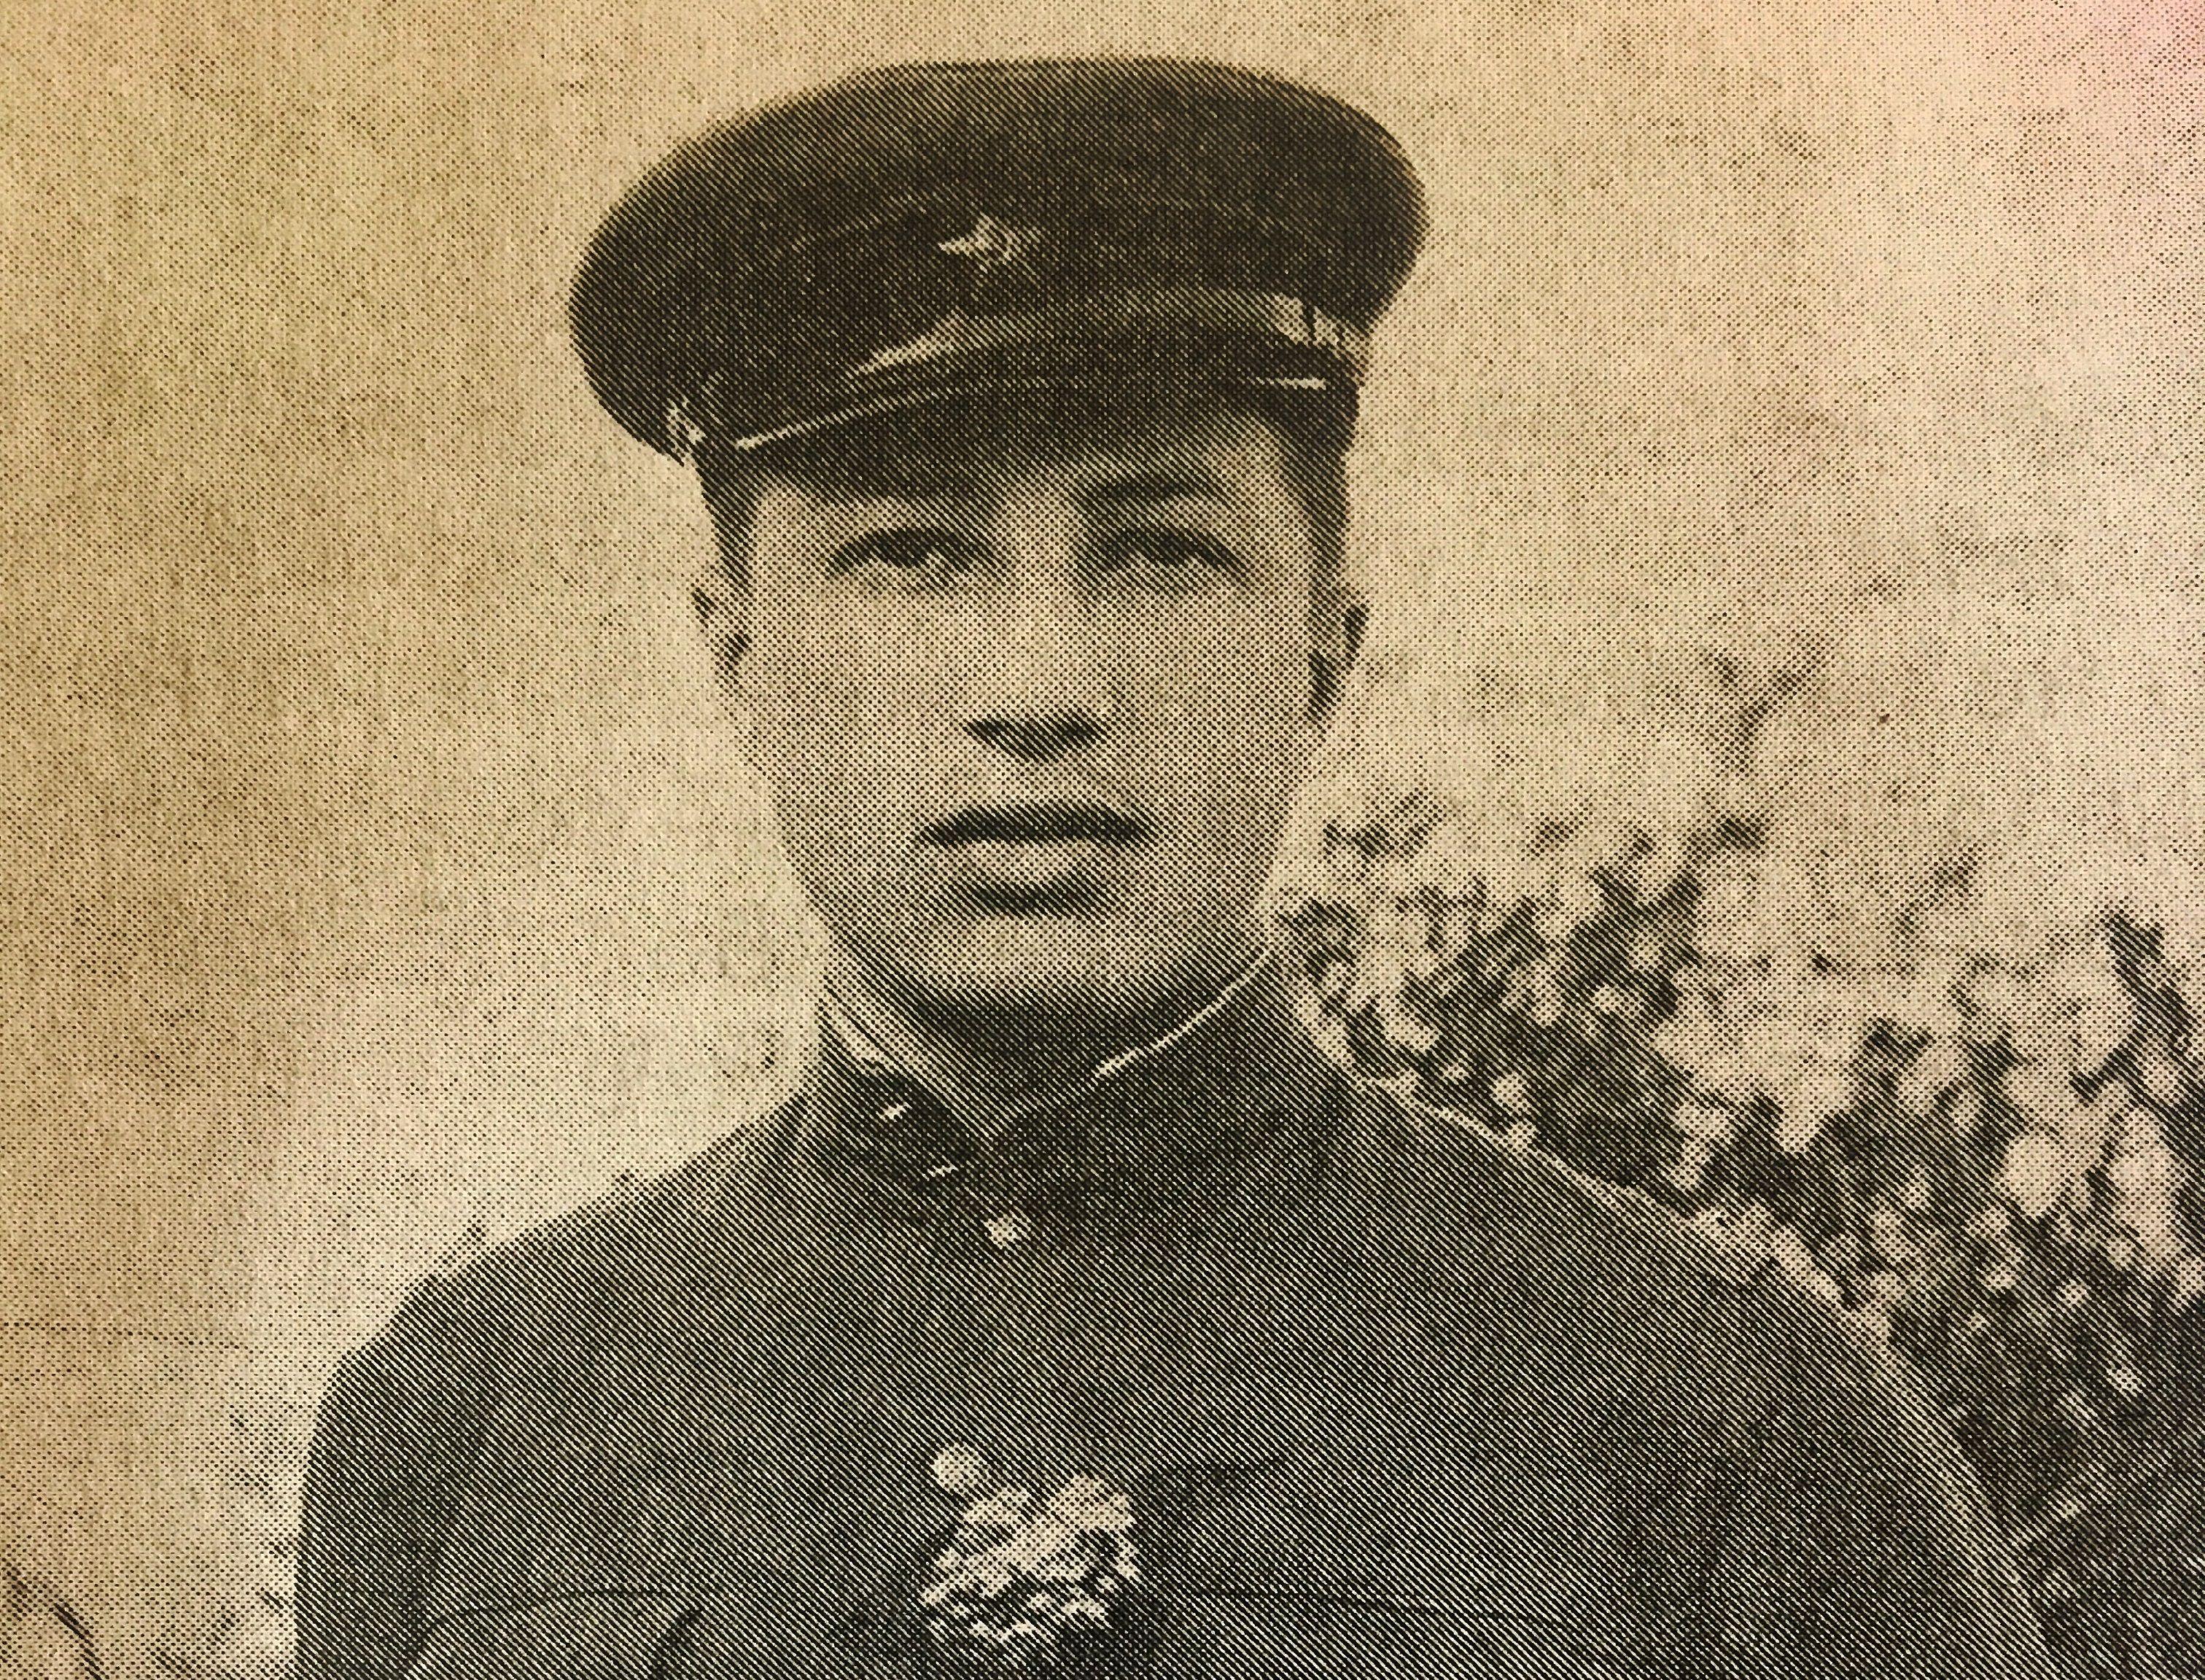 Снимок из Ростовского артиллерийского училища. Фото из личного архива